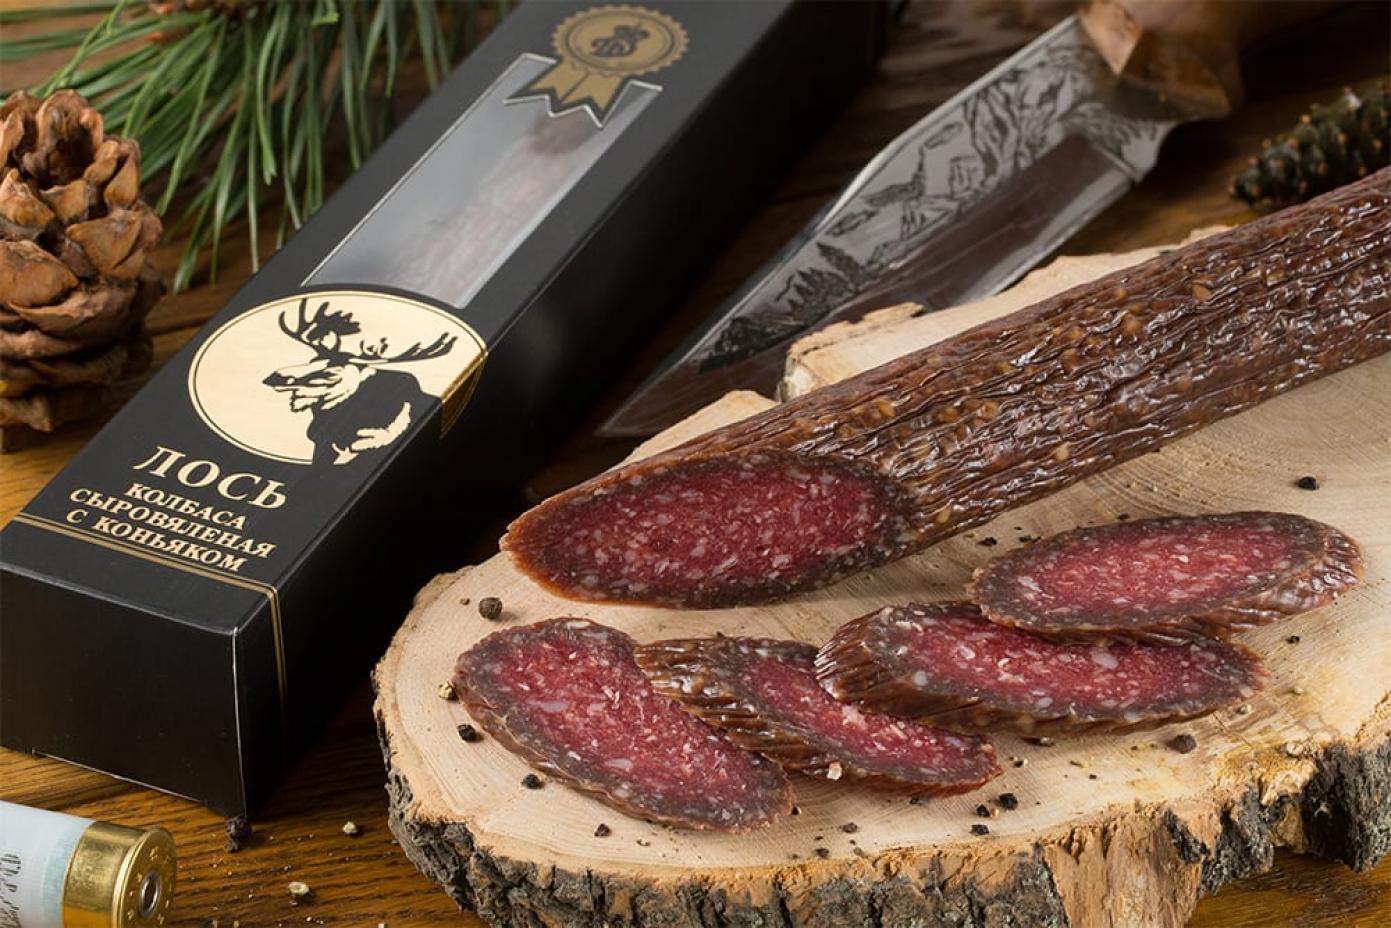 Колбаса из мяса Лося с коньяком в подарочной упаковке